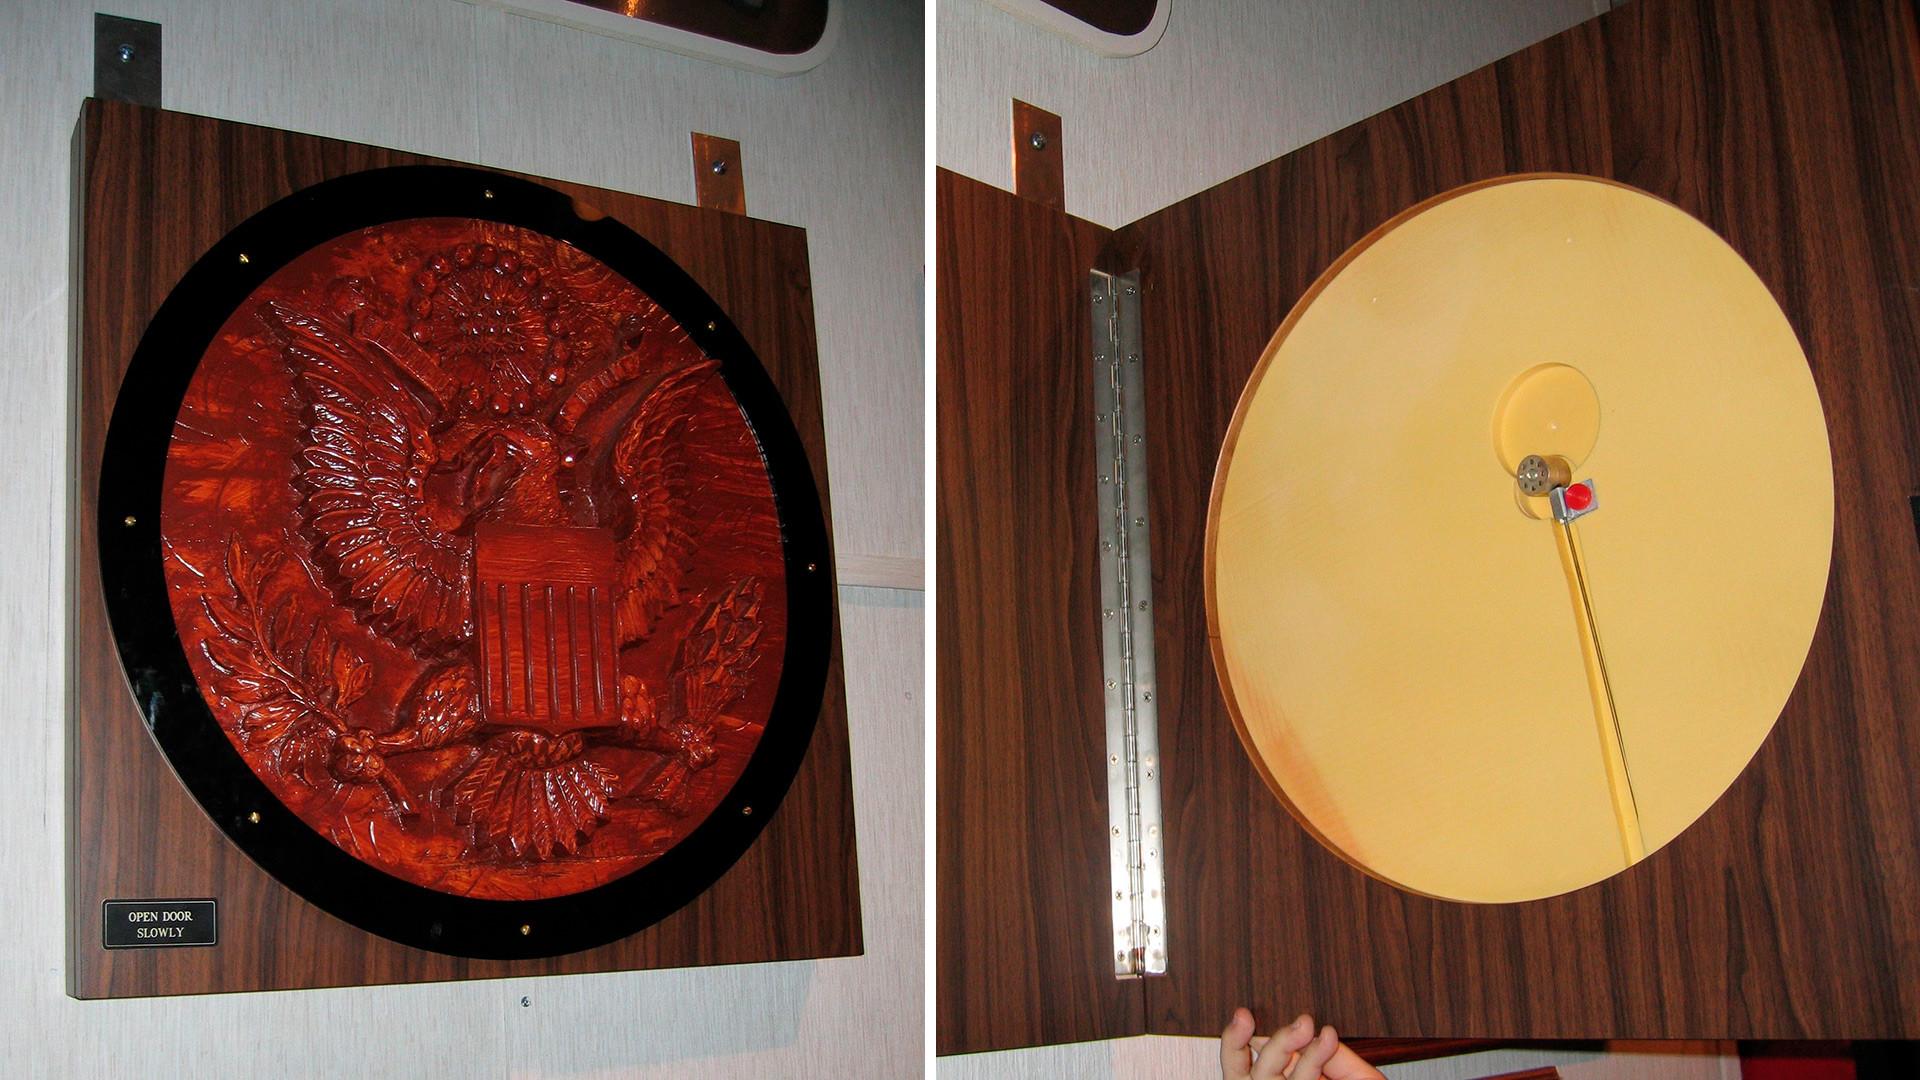 1952年になって初めて、飾り板に、初期の盗聴装置の一つであるThe Thingが仕込まれていたことが明らかになった。